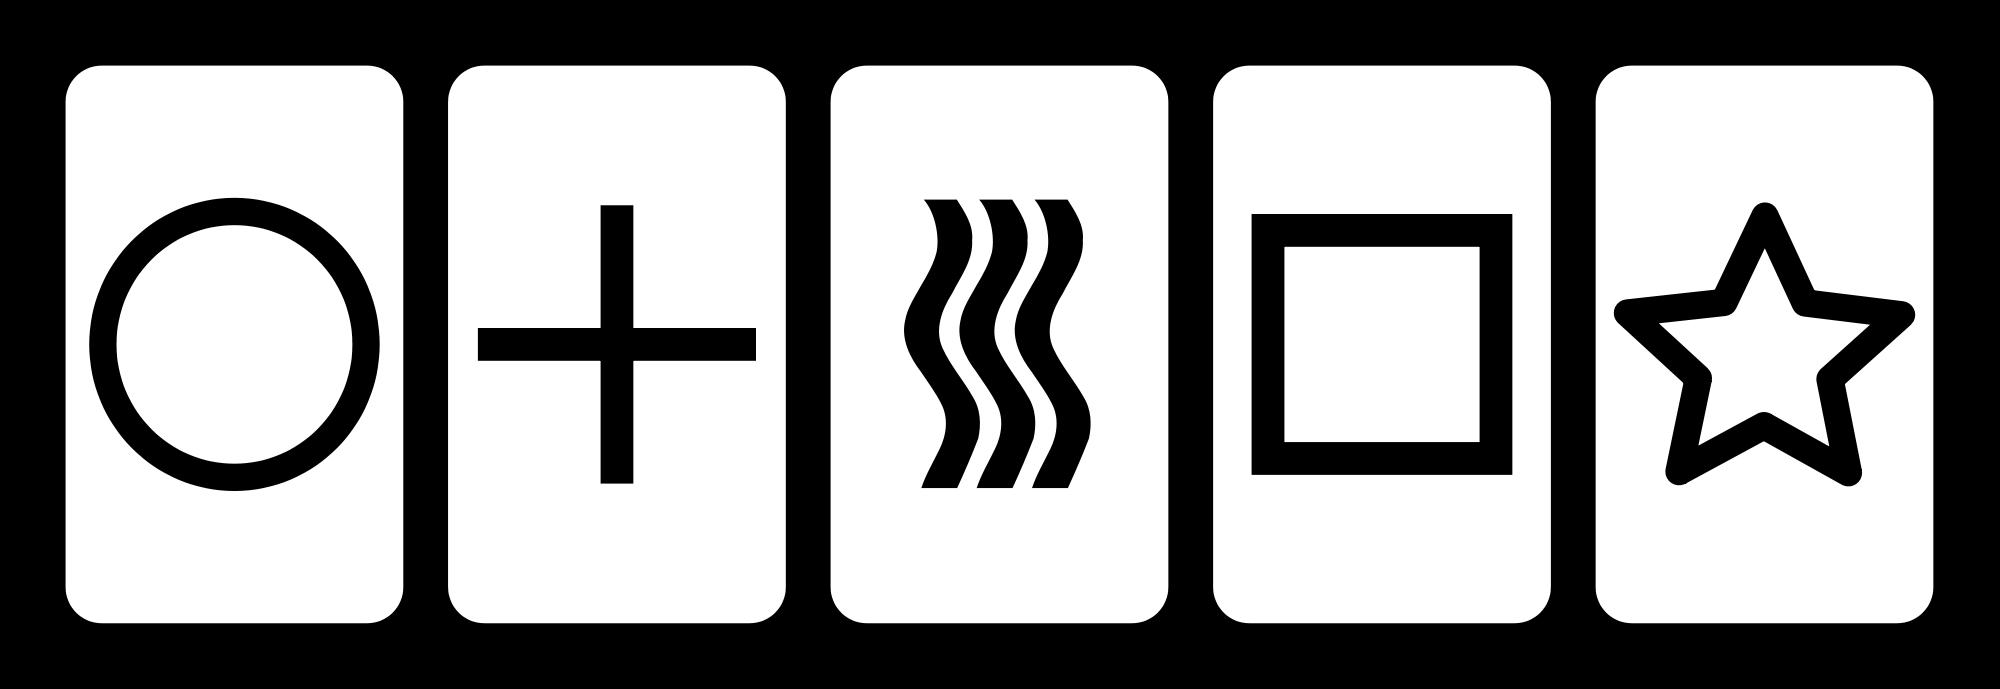 ESP_Deck